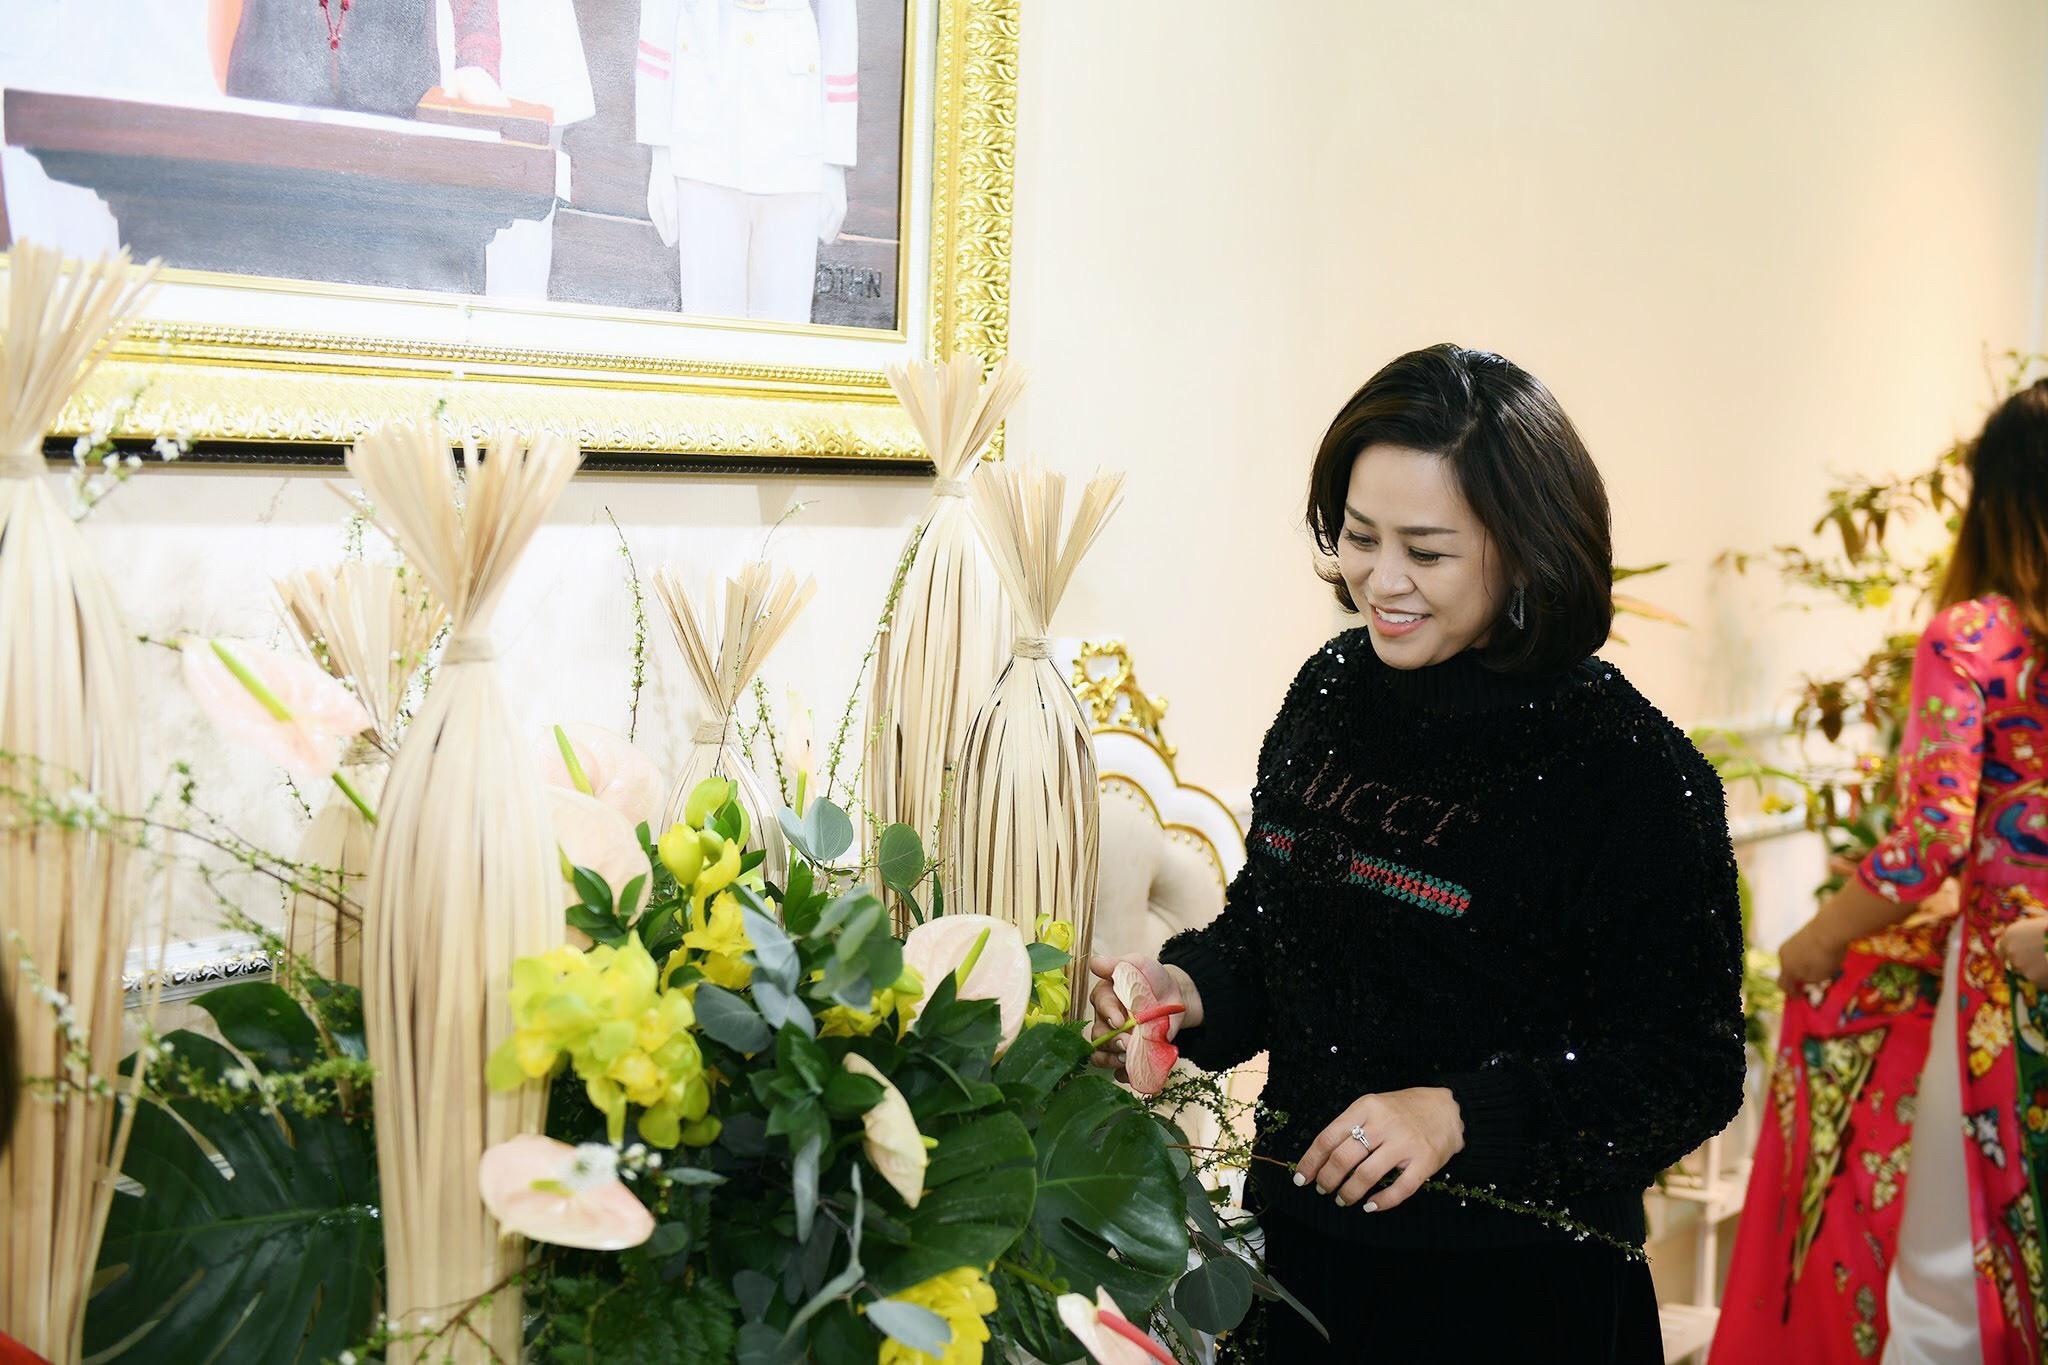 NTK Đỗ Trịnh Hoài Nam tự tay vào bếp, trang trí nhà cửa đón Tết